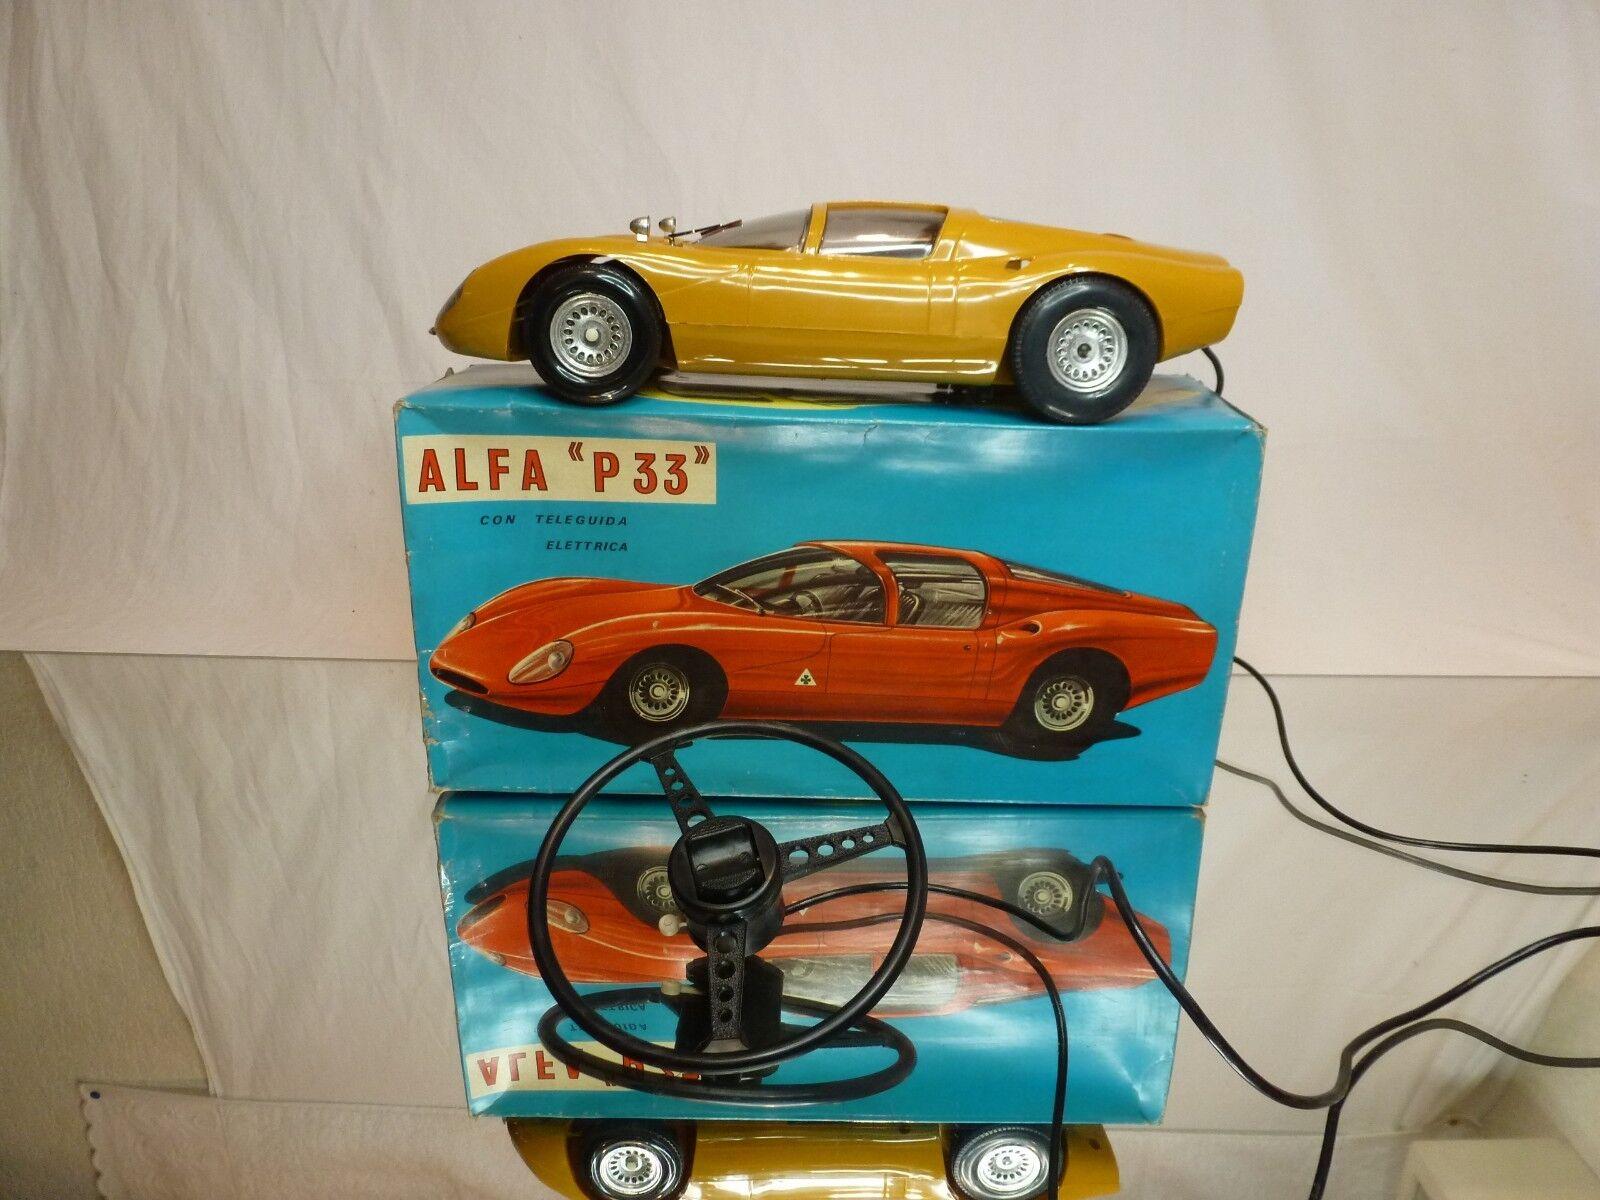 TIBIDABO 1972 ALFA ROMEO P33 - marron L33.0cm - GOOD CONDITION IN BOX